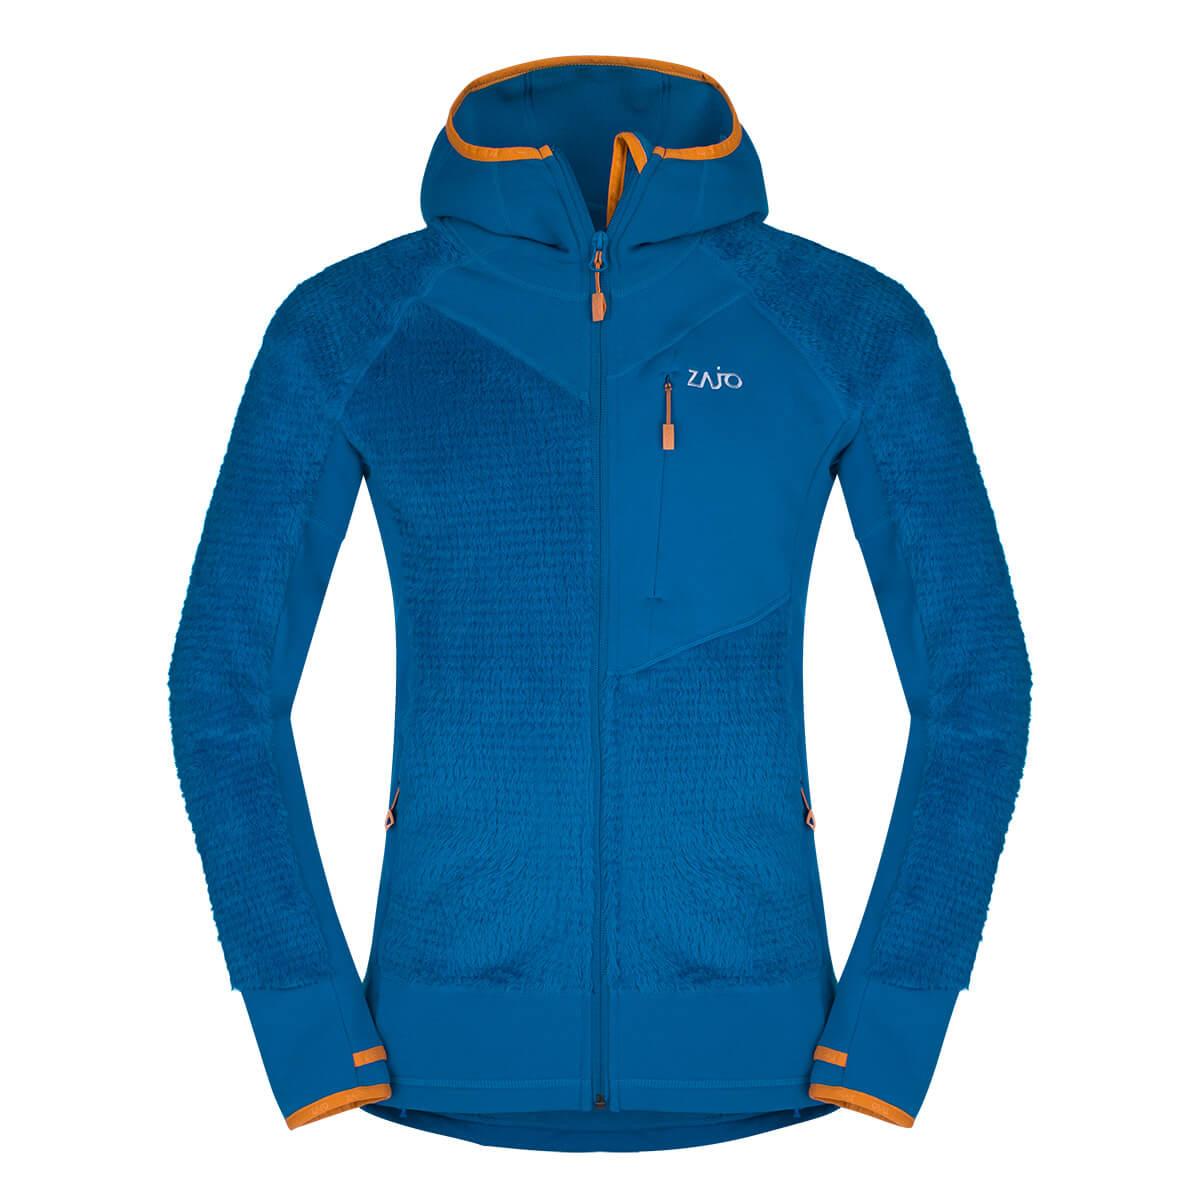 Pánska bunda Zajo Meribel JKT Nautical Blue - veľkosť S